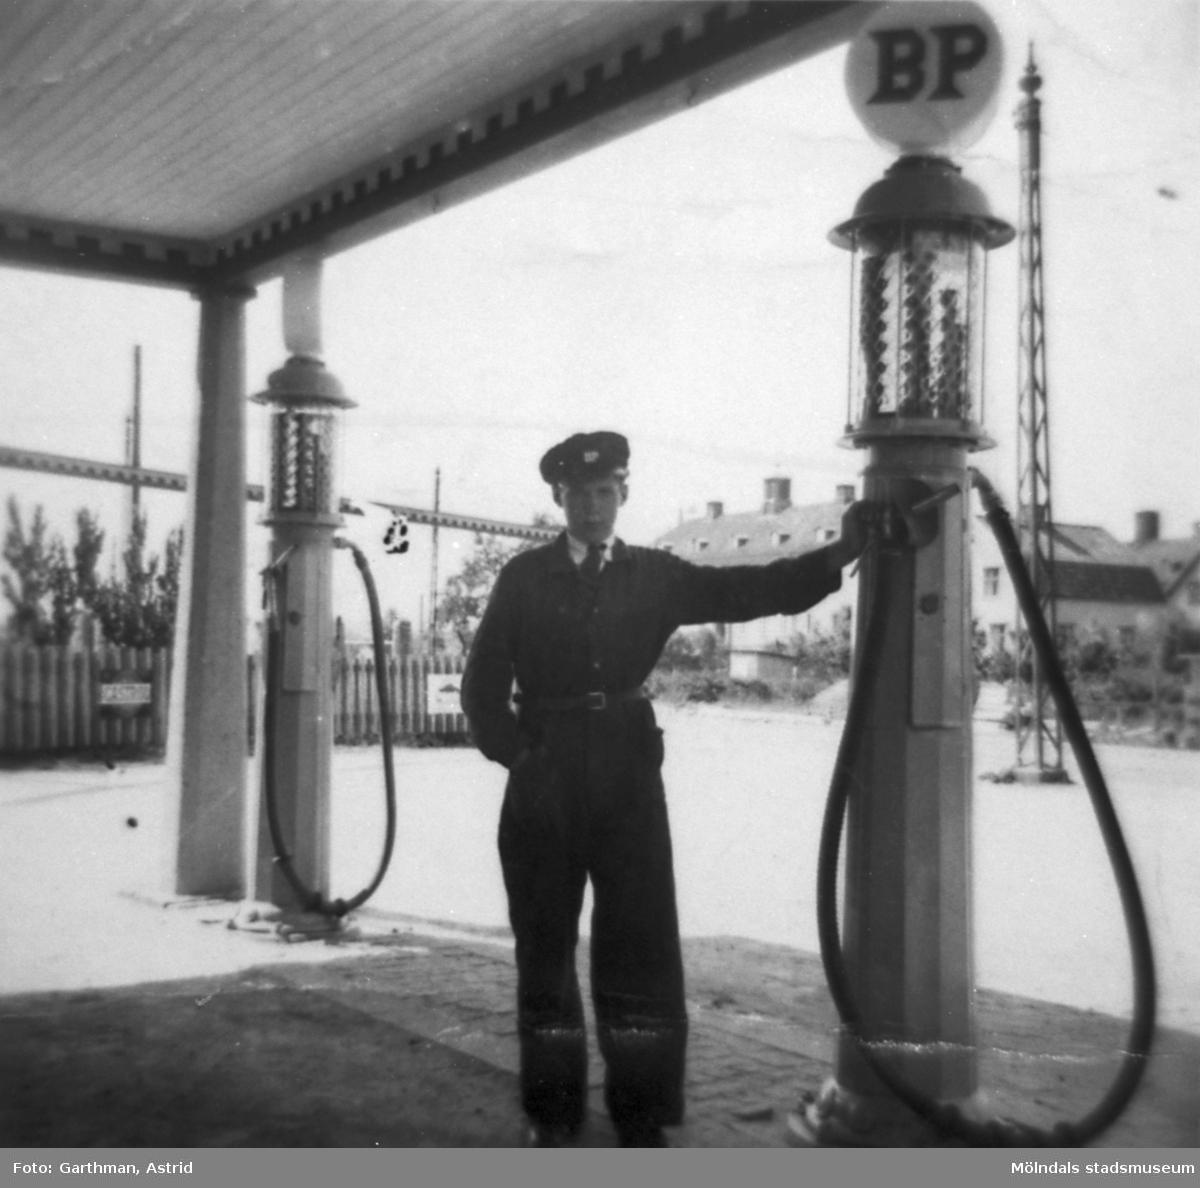 På Göteborgsvägen i Lackarebäck, snett emot lasarettet, låg denna BP bensinstation. Ville Nilsson står lutad mot en bensinpump. Kompisen Bror Eriksson jobbade också där. 1930-tal.